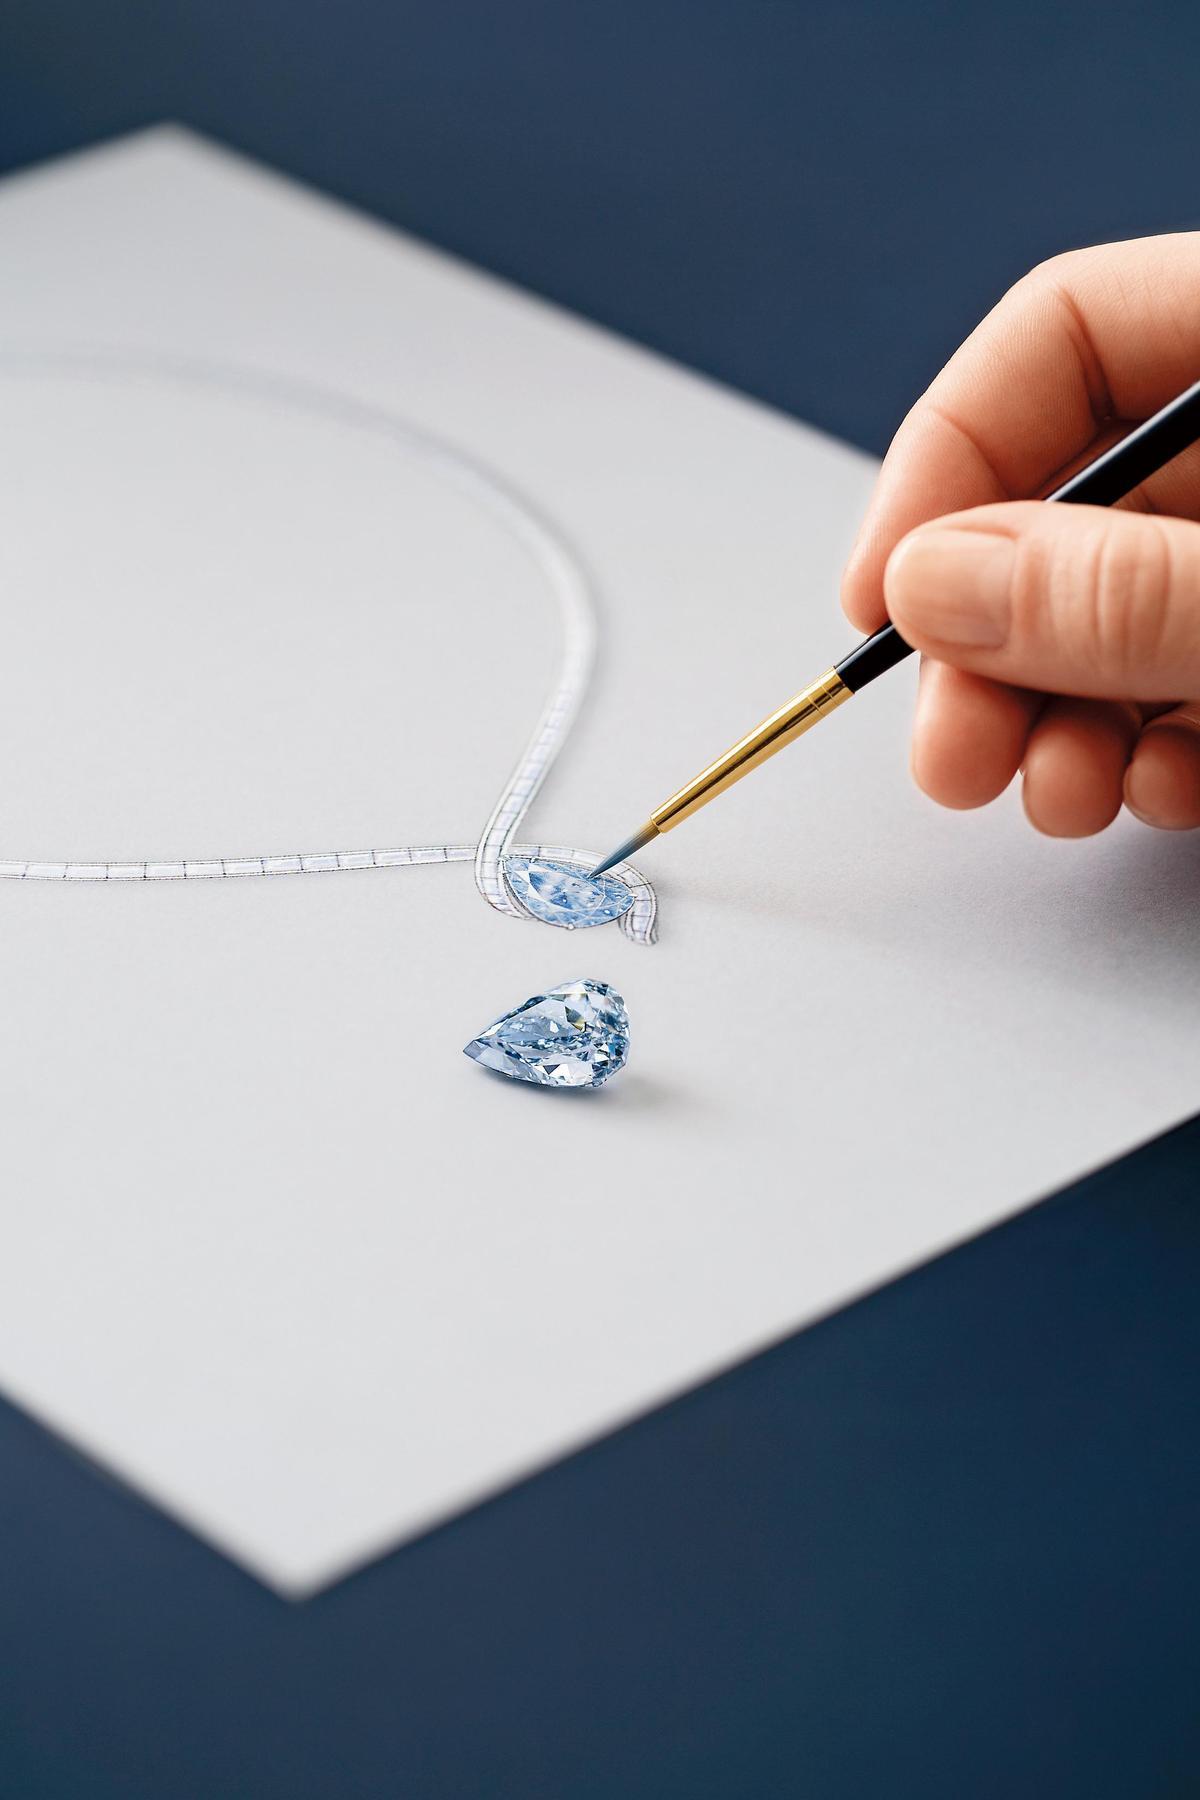 重達13.22克拉的溫斯頓之藍鑽(Winston Blue),被認為是目前克拉數最大的淨度完美無瑕豔彩藍鑽。